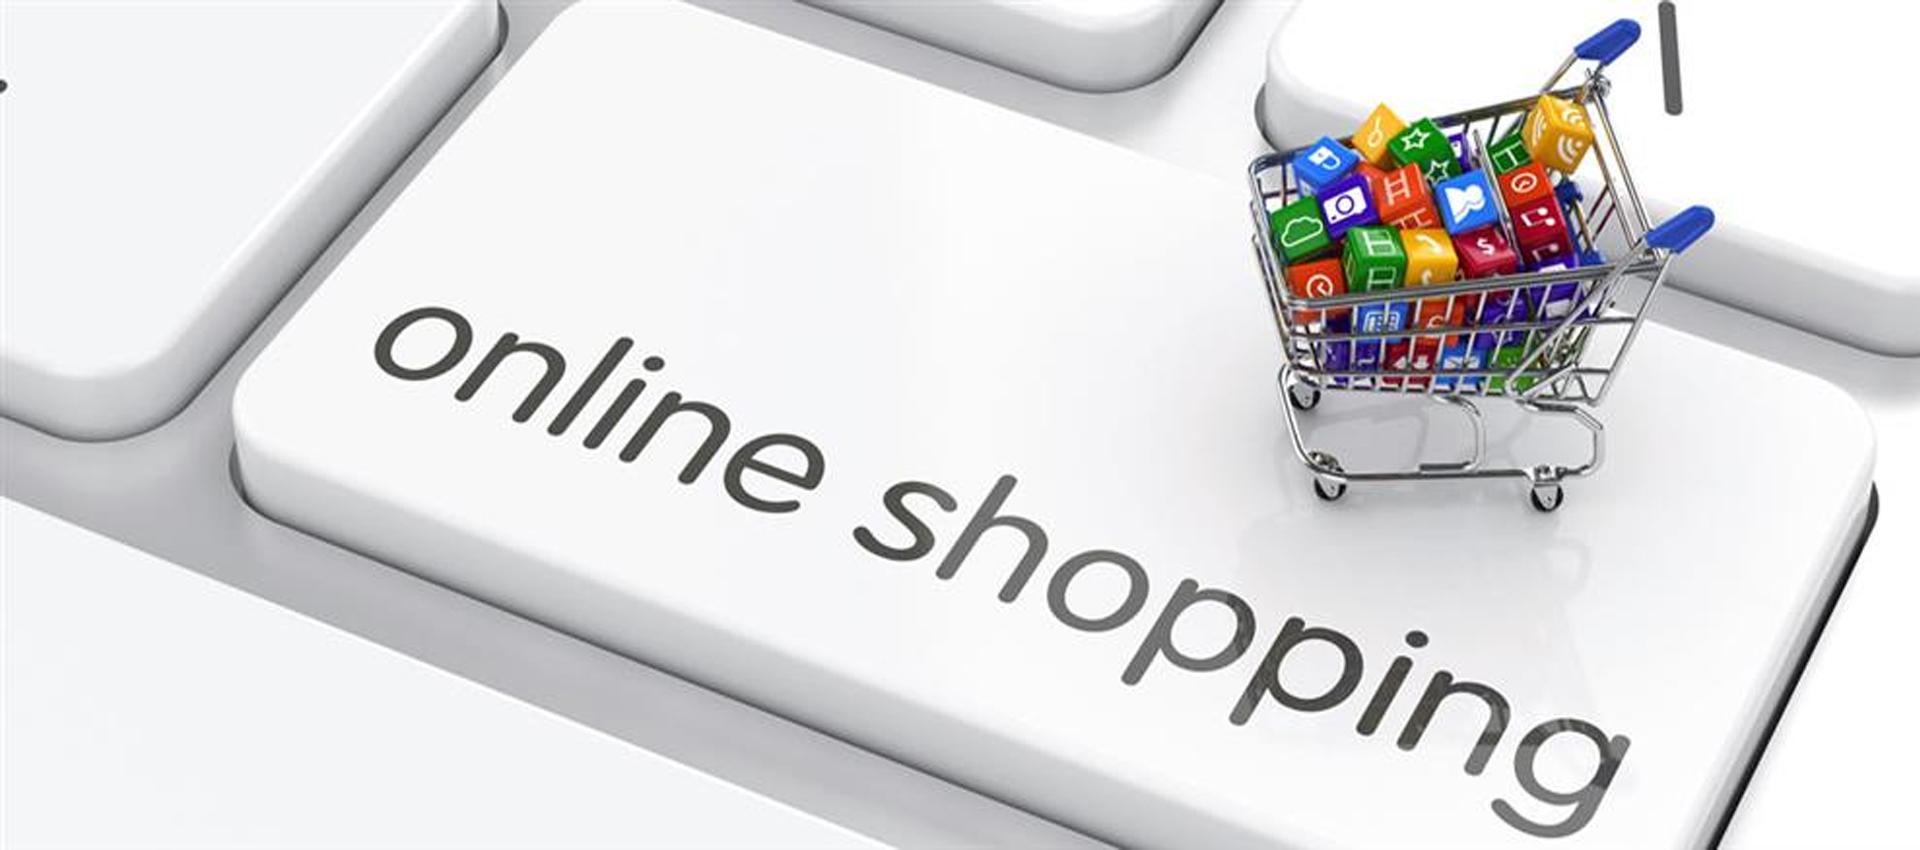 سامانه فروشگاه آنلاین